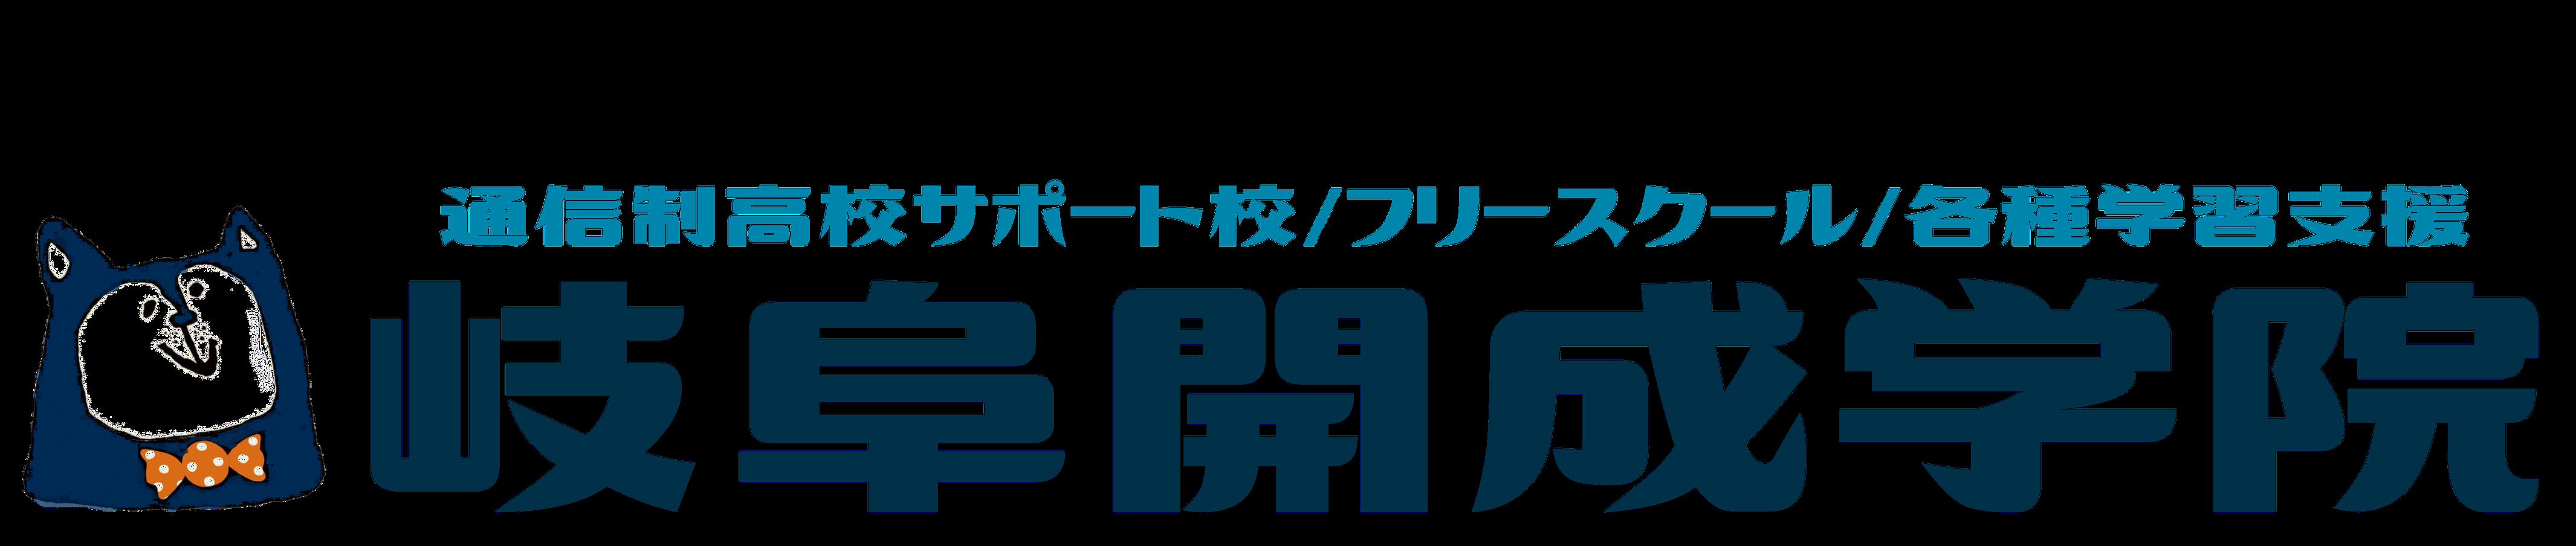 岐阜市の通信制高校サポート校・フリースクール|岐阜開成学院